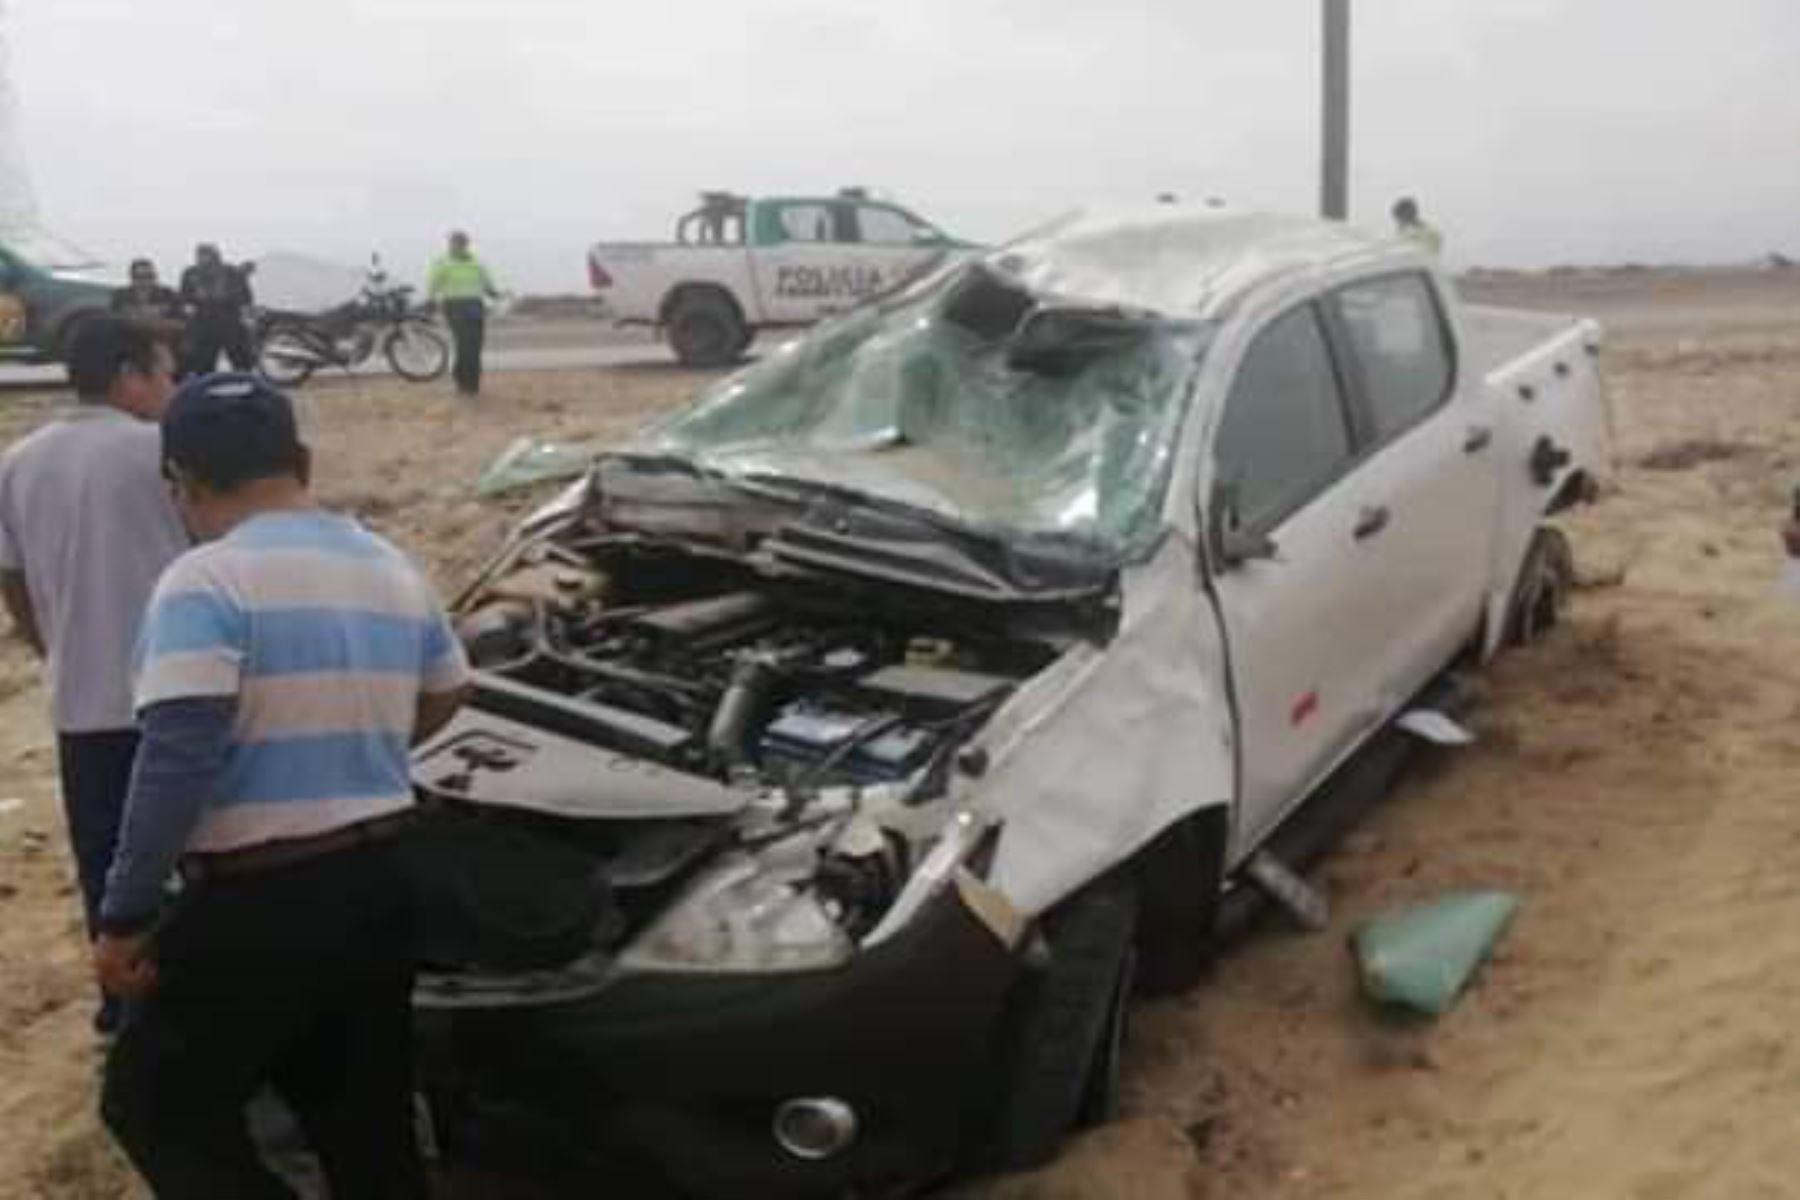 Así quedó la camioneta siniestrada en la que perdió la vida el alcalde provincial de Chepén (La Libertad), José David Lías Ventura.